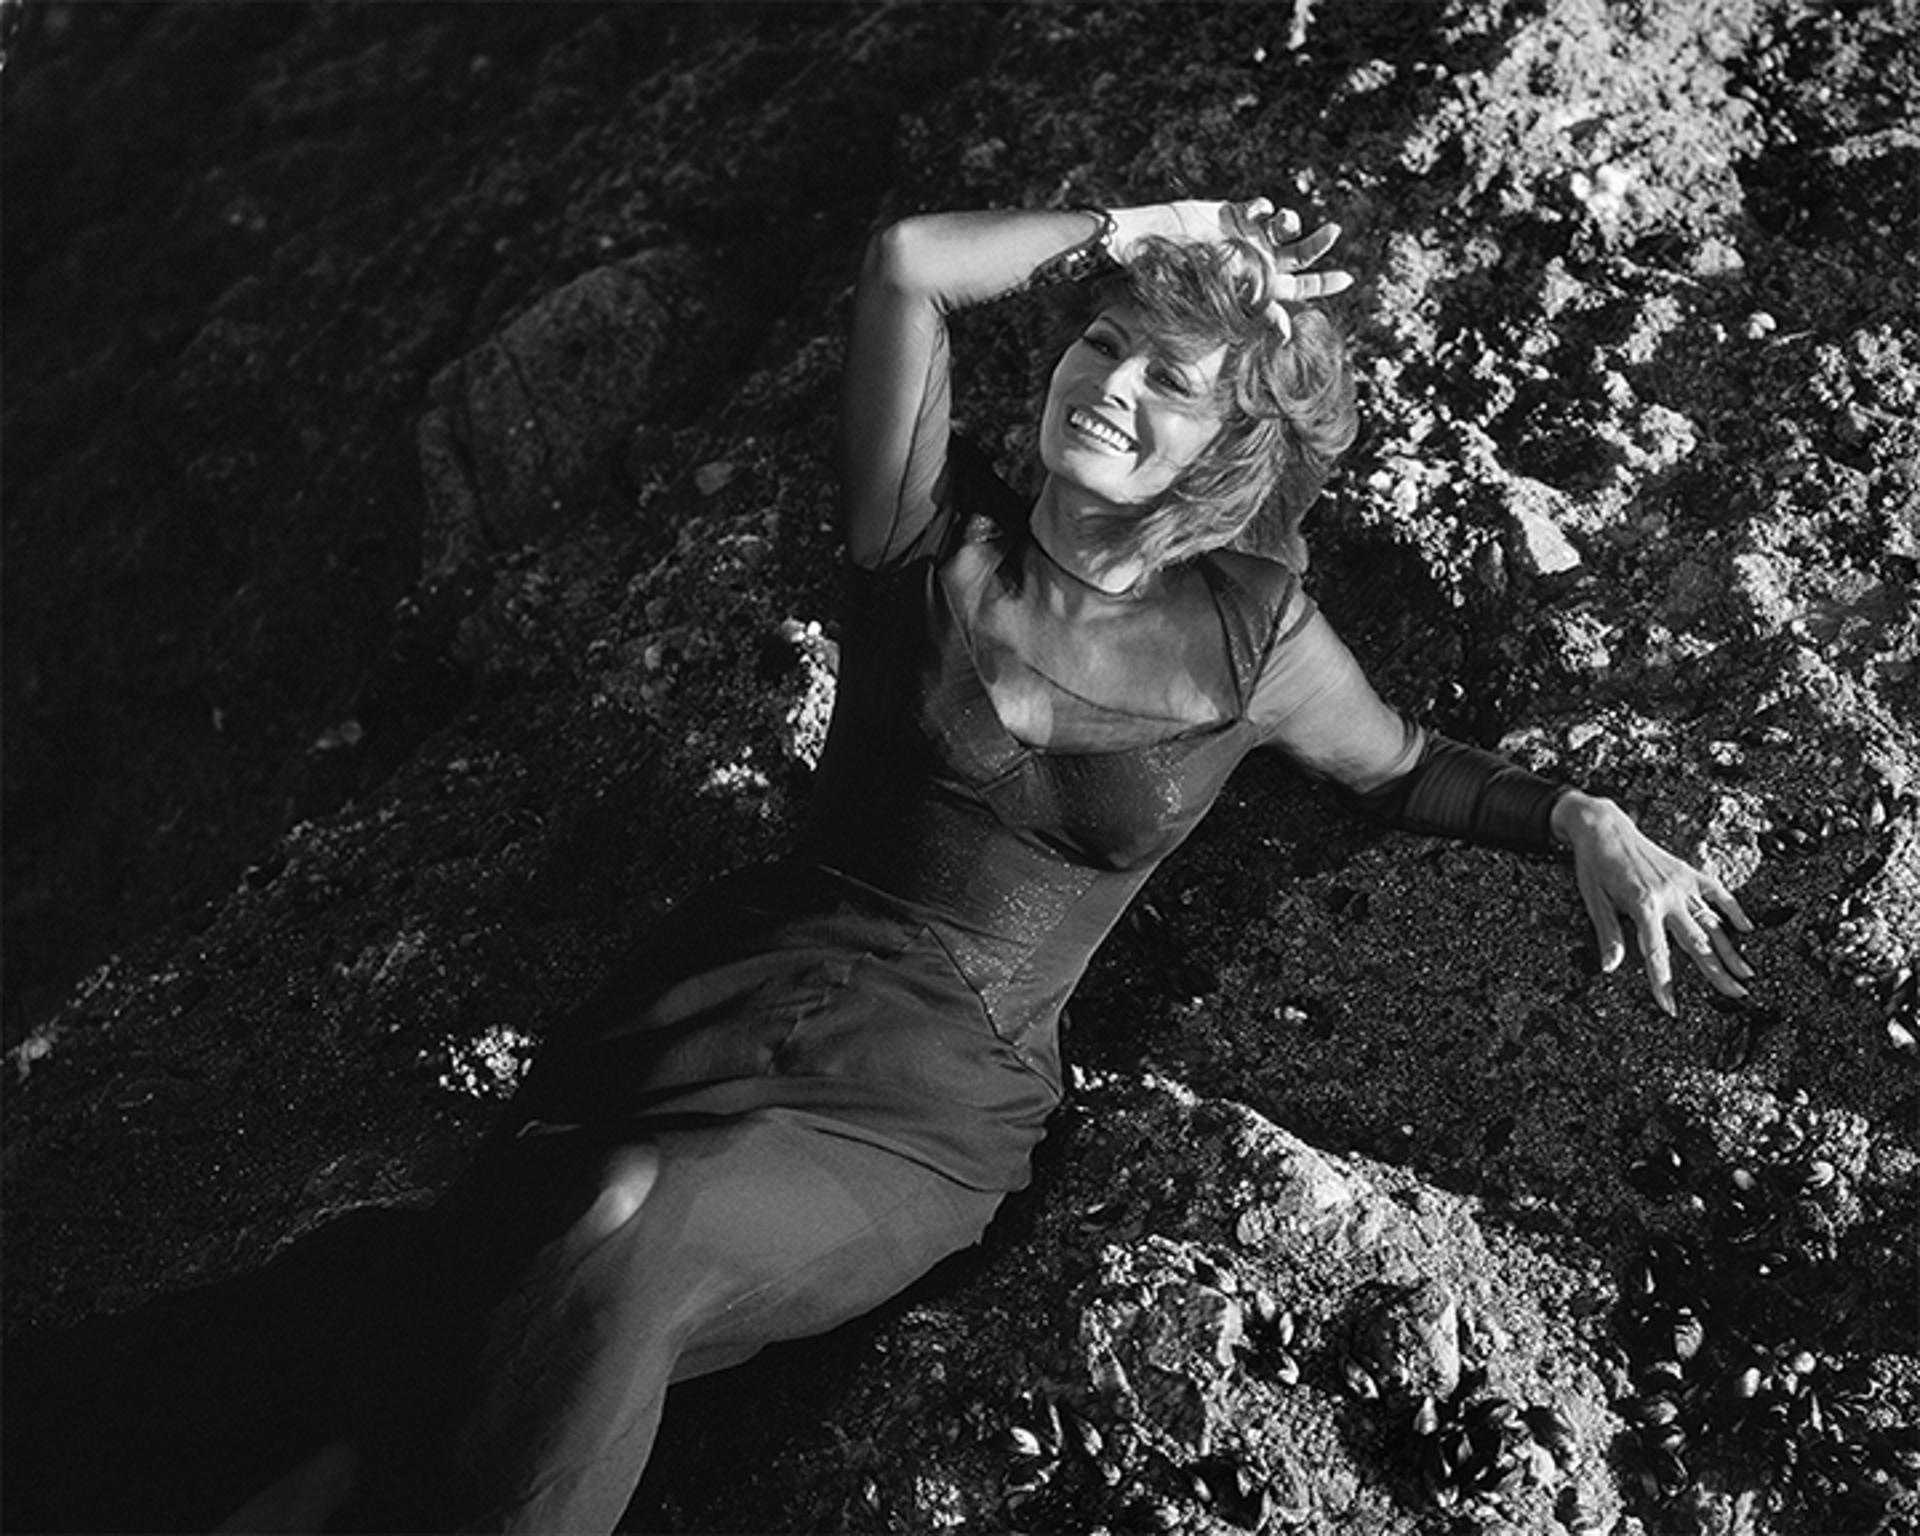 96010 Sophia Loren The Rocks Malibu 1996 BW by Timothy White